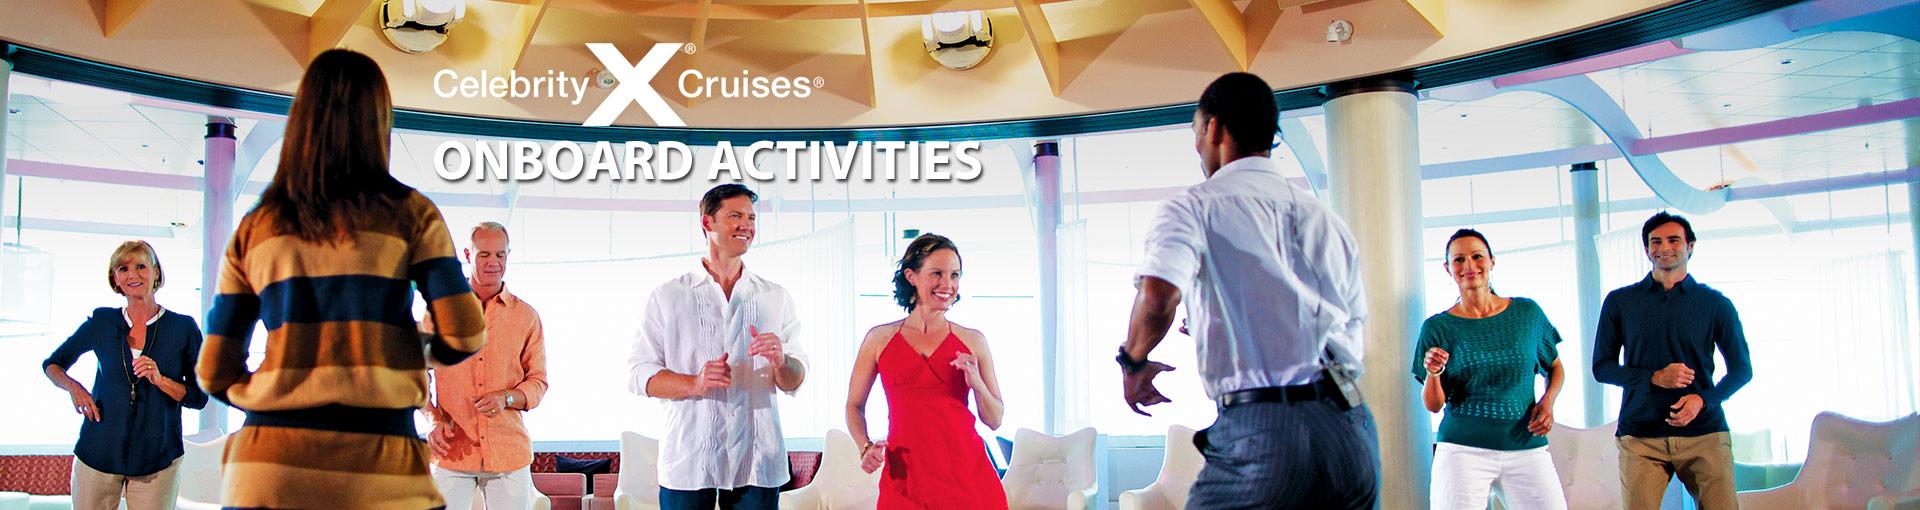 Celebrity Cruises Onboard Activities